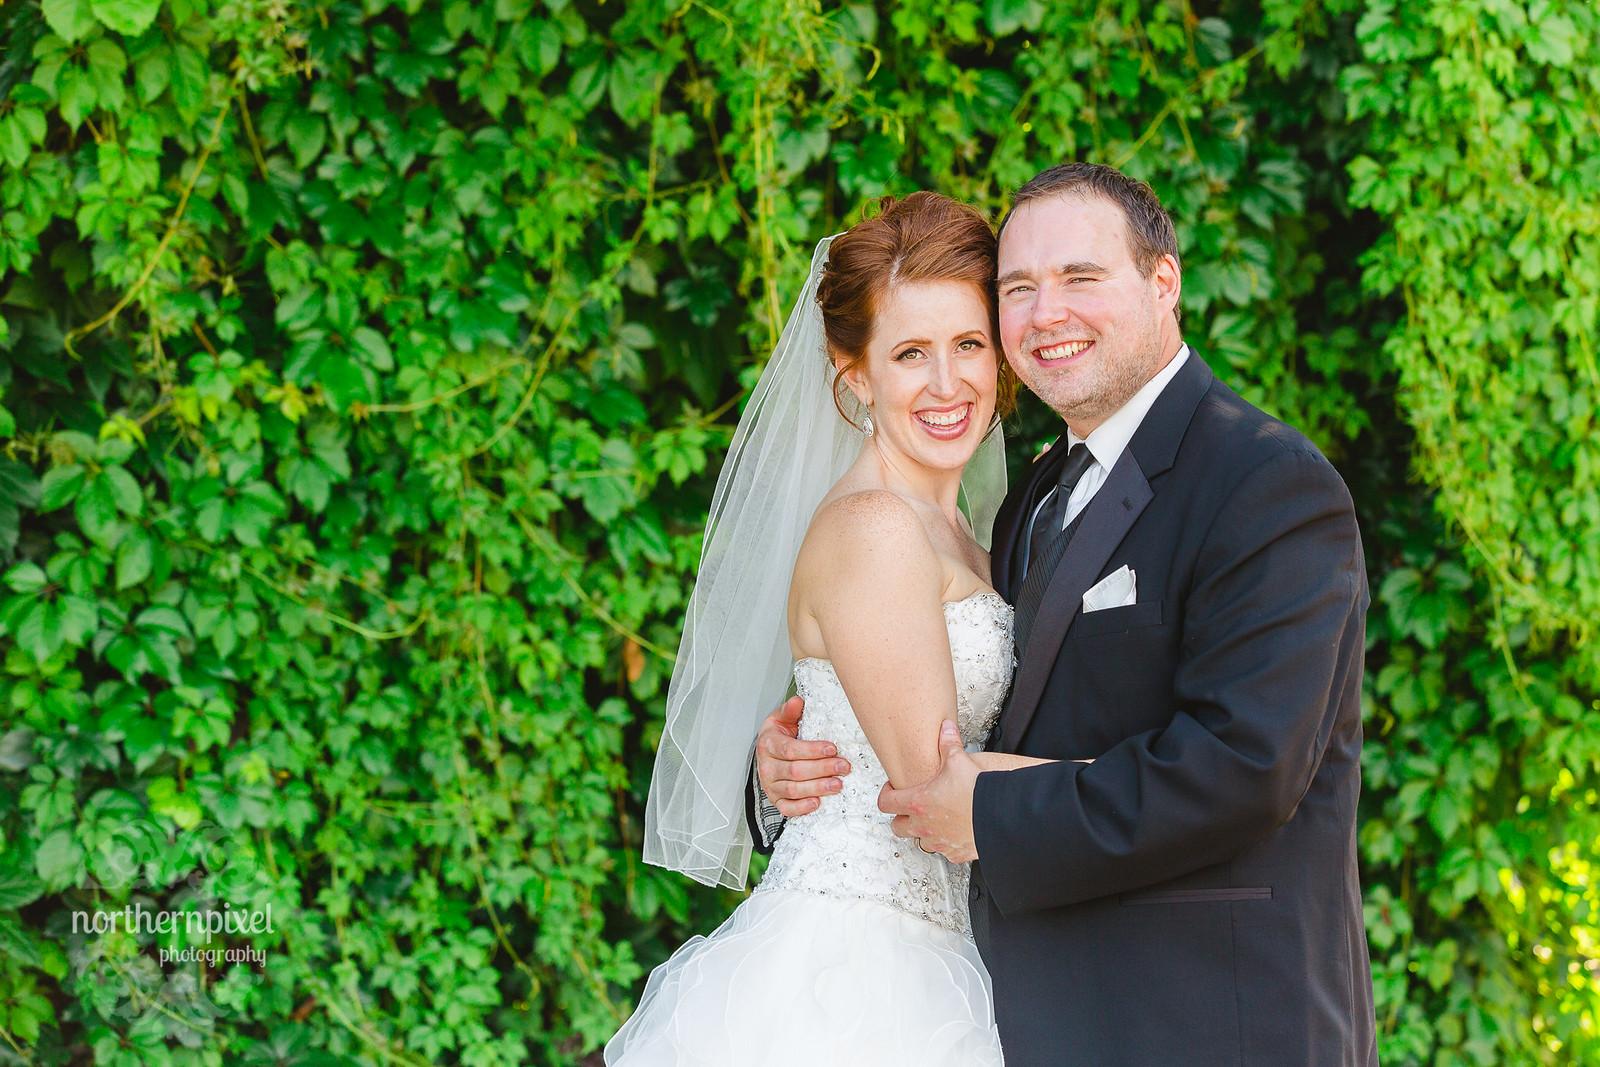 Kendra & Jarrett - Prince George BC Wedding Photographers